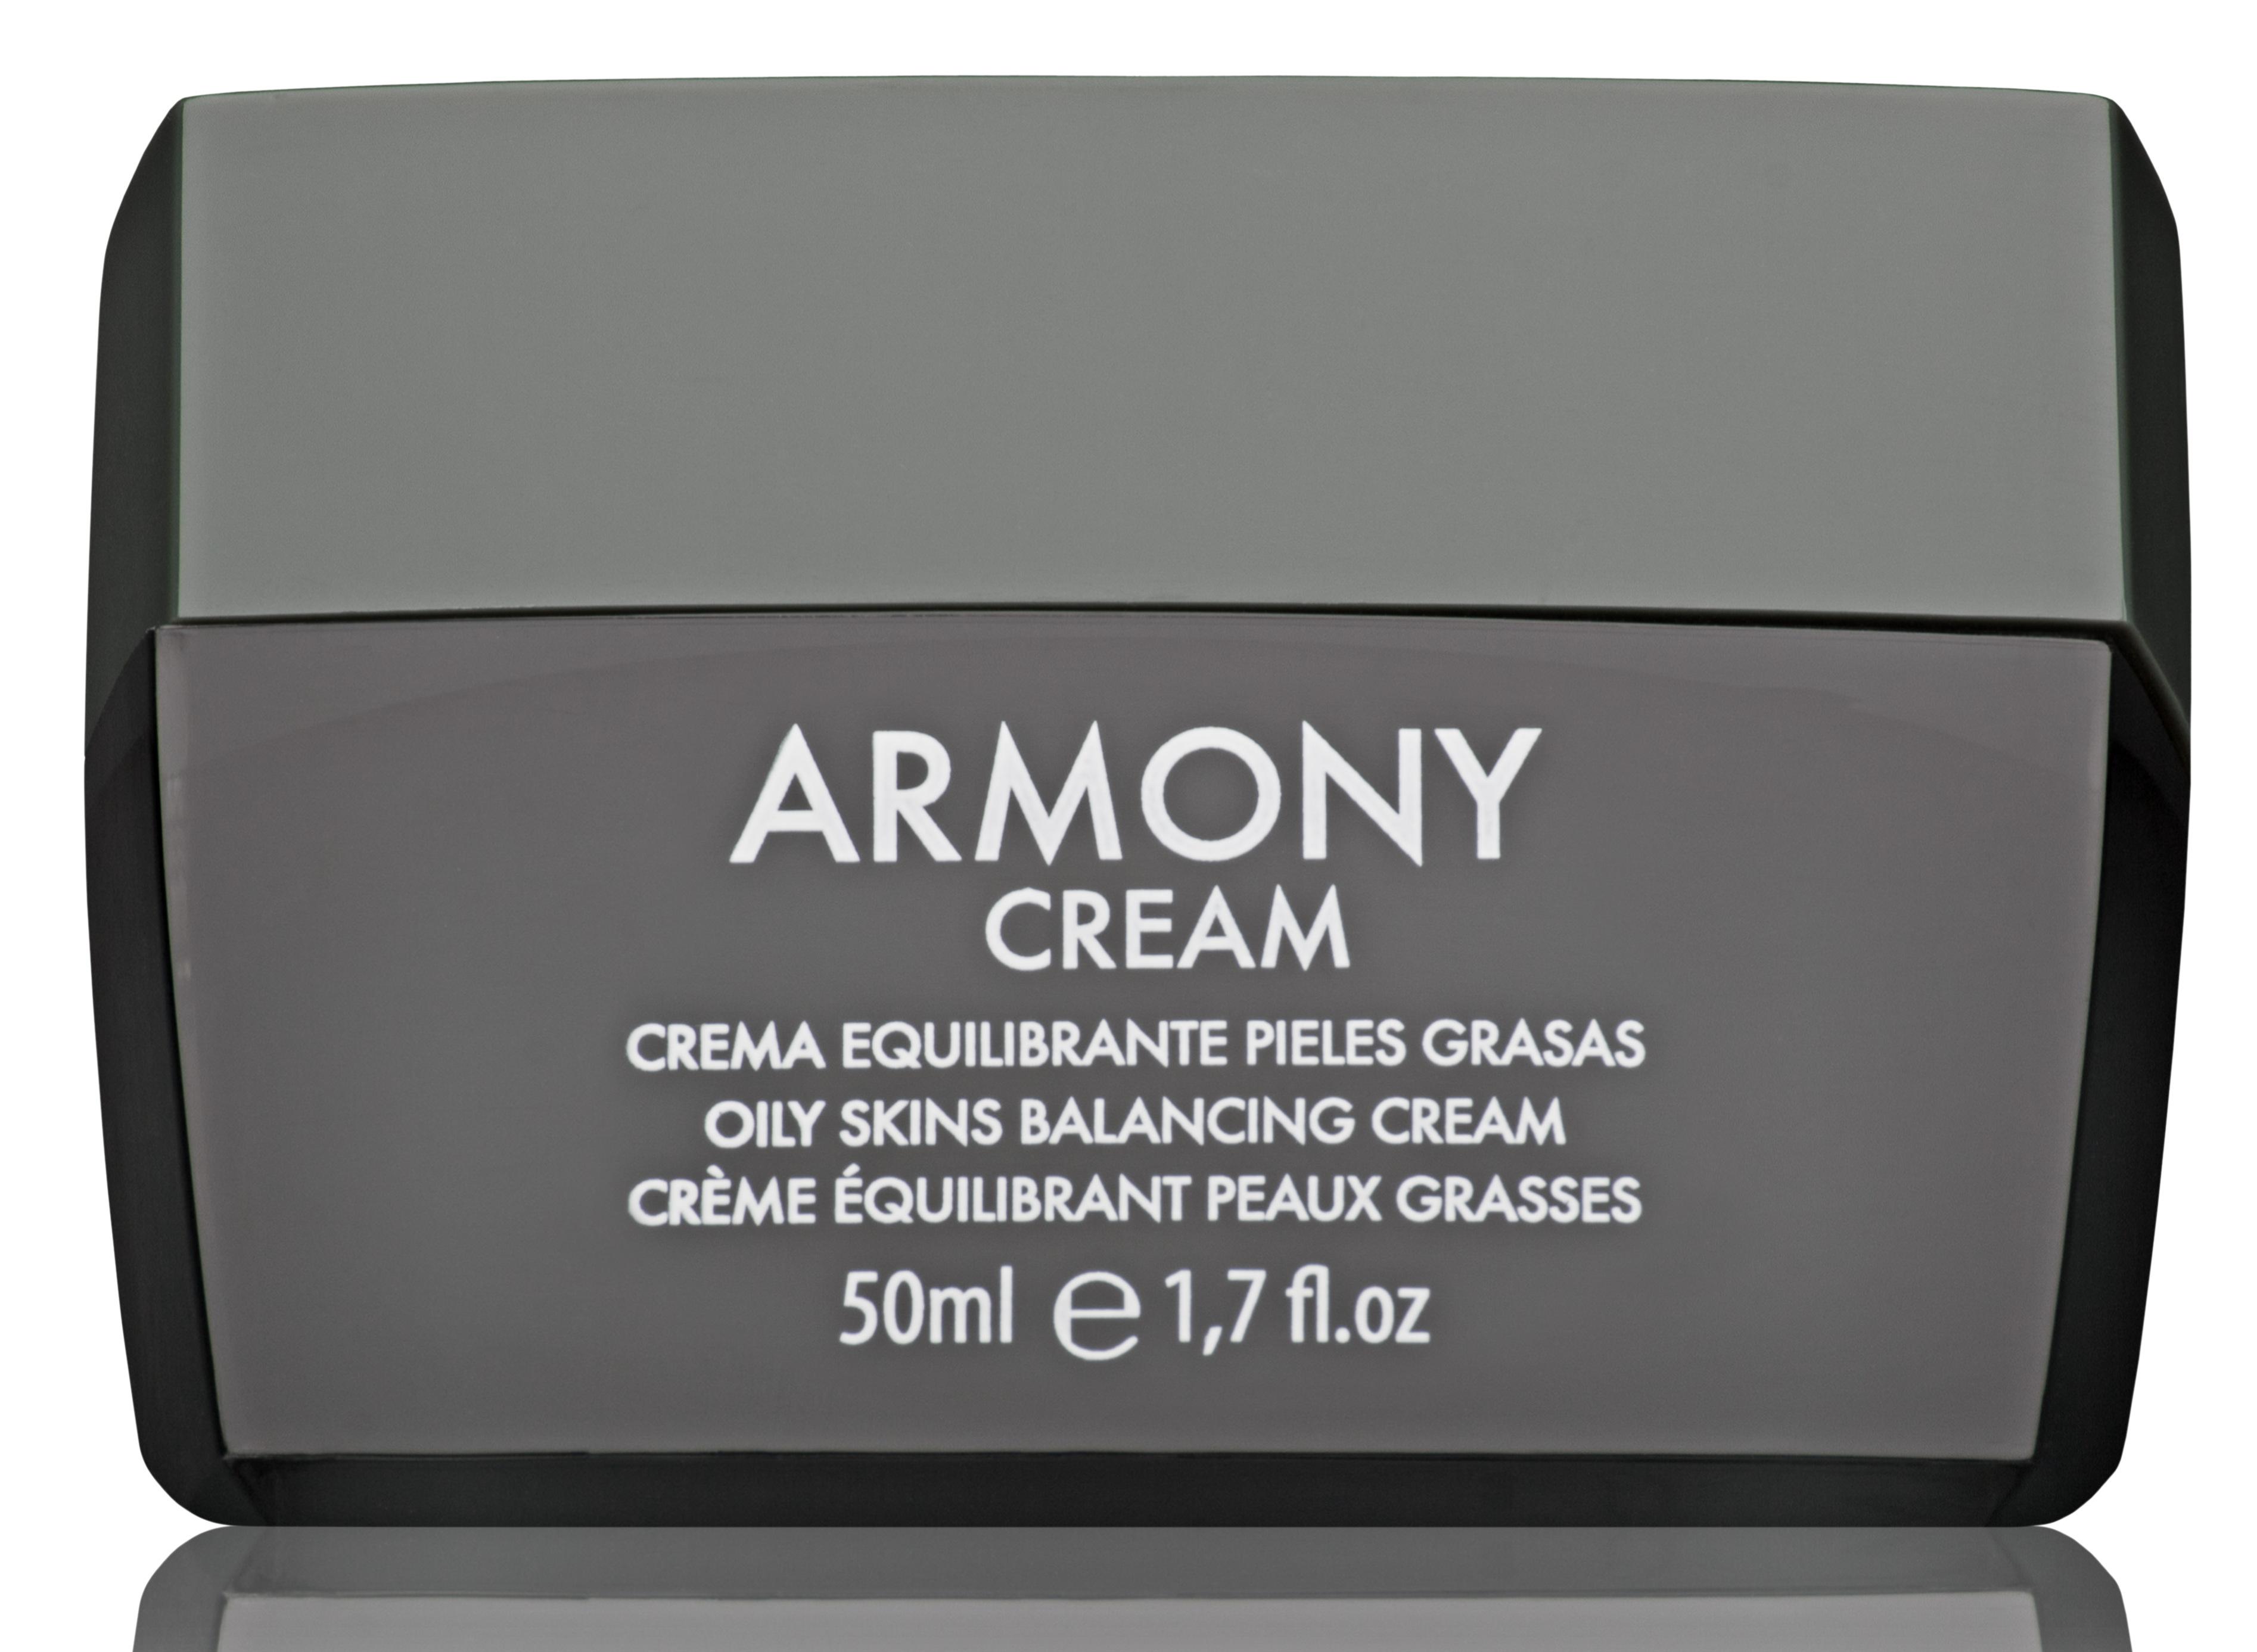 LEVISSIME Крем балансирующий для проблемной кожи / Armony Cream 50 мл -  Кремы